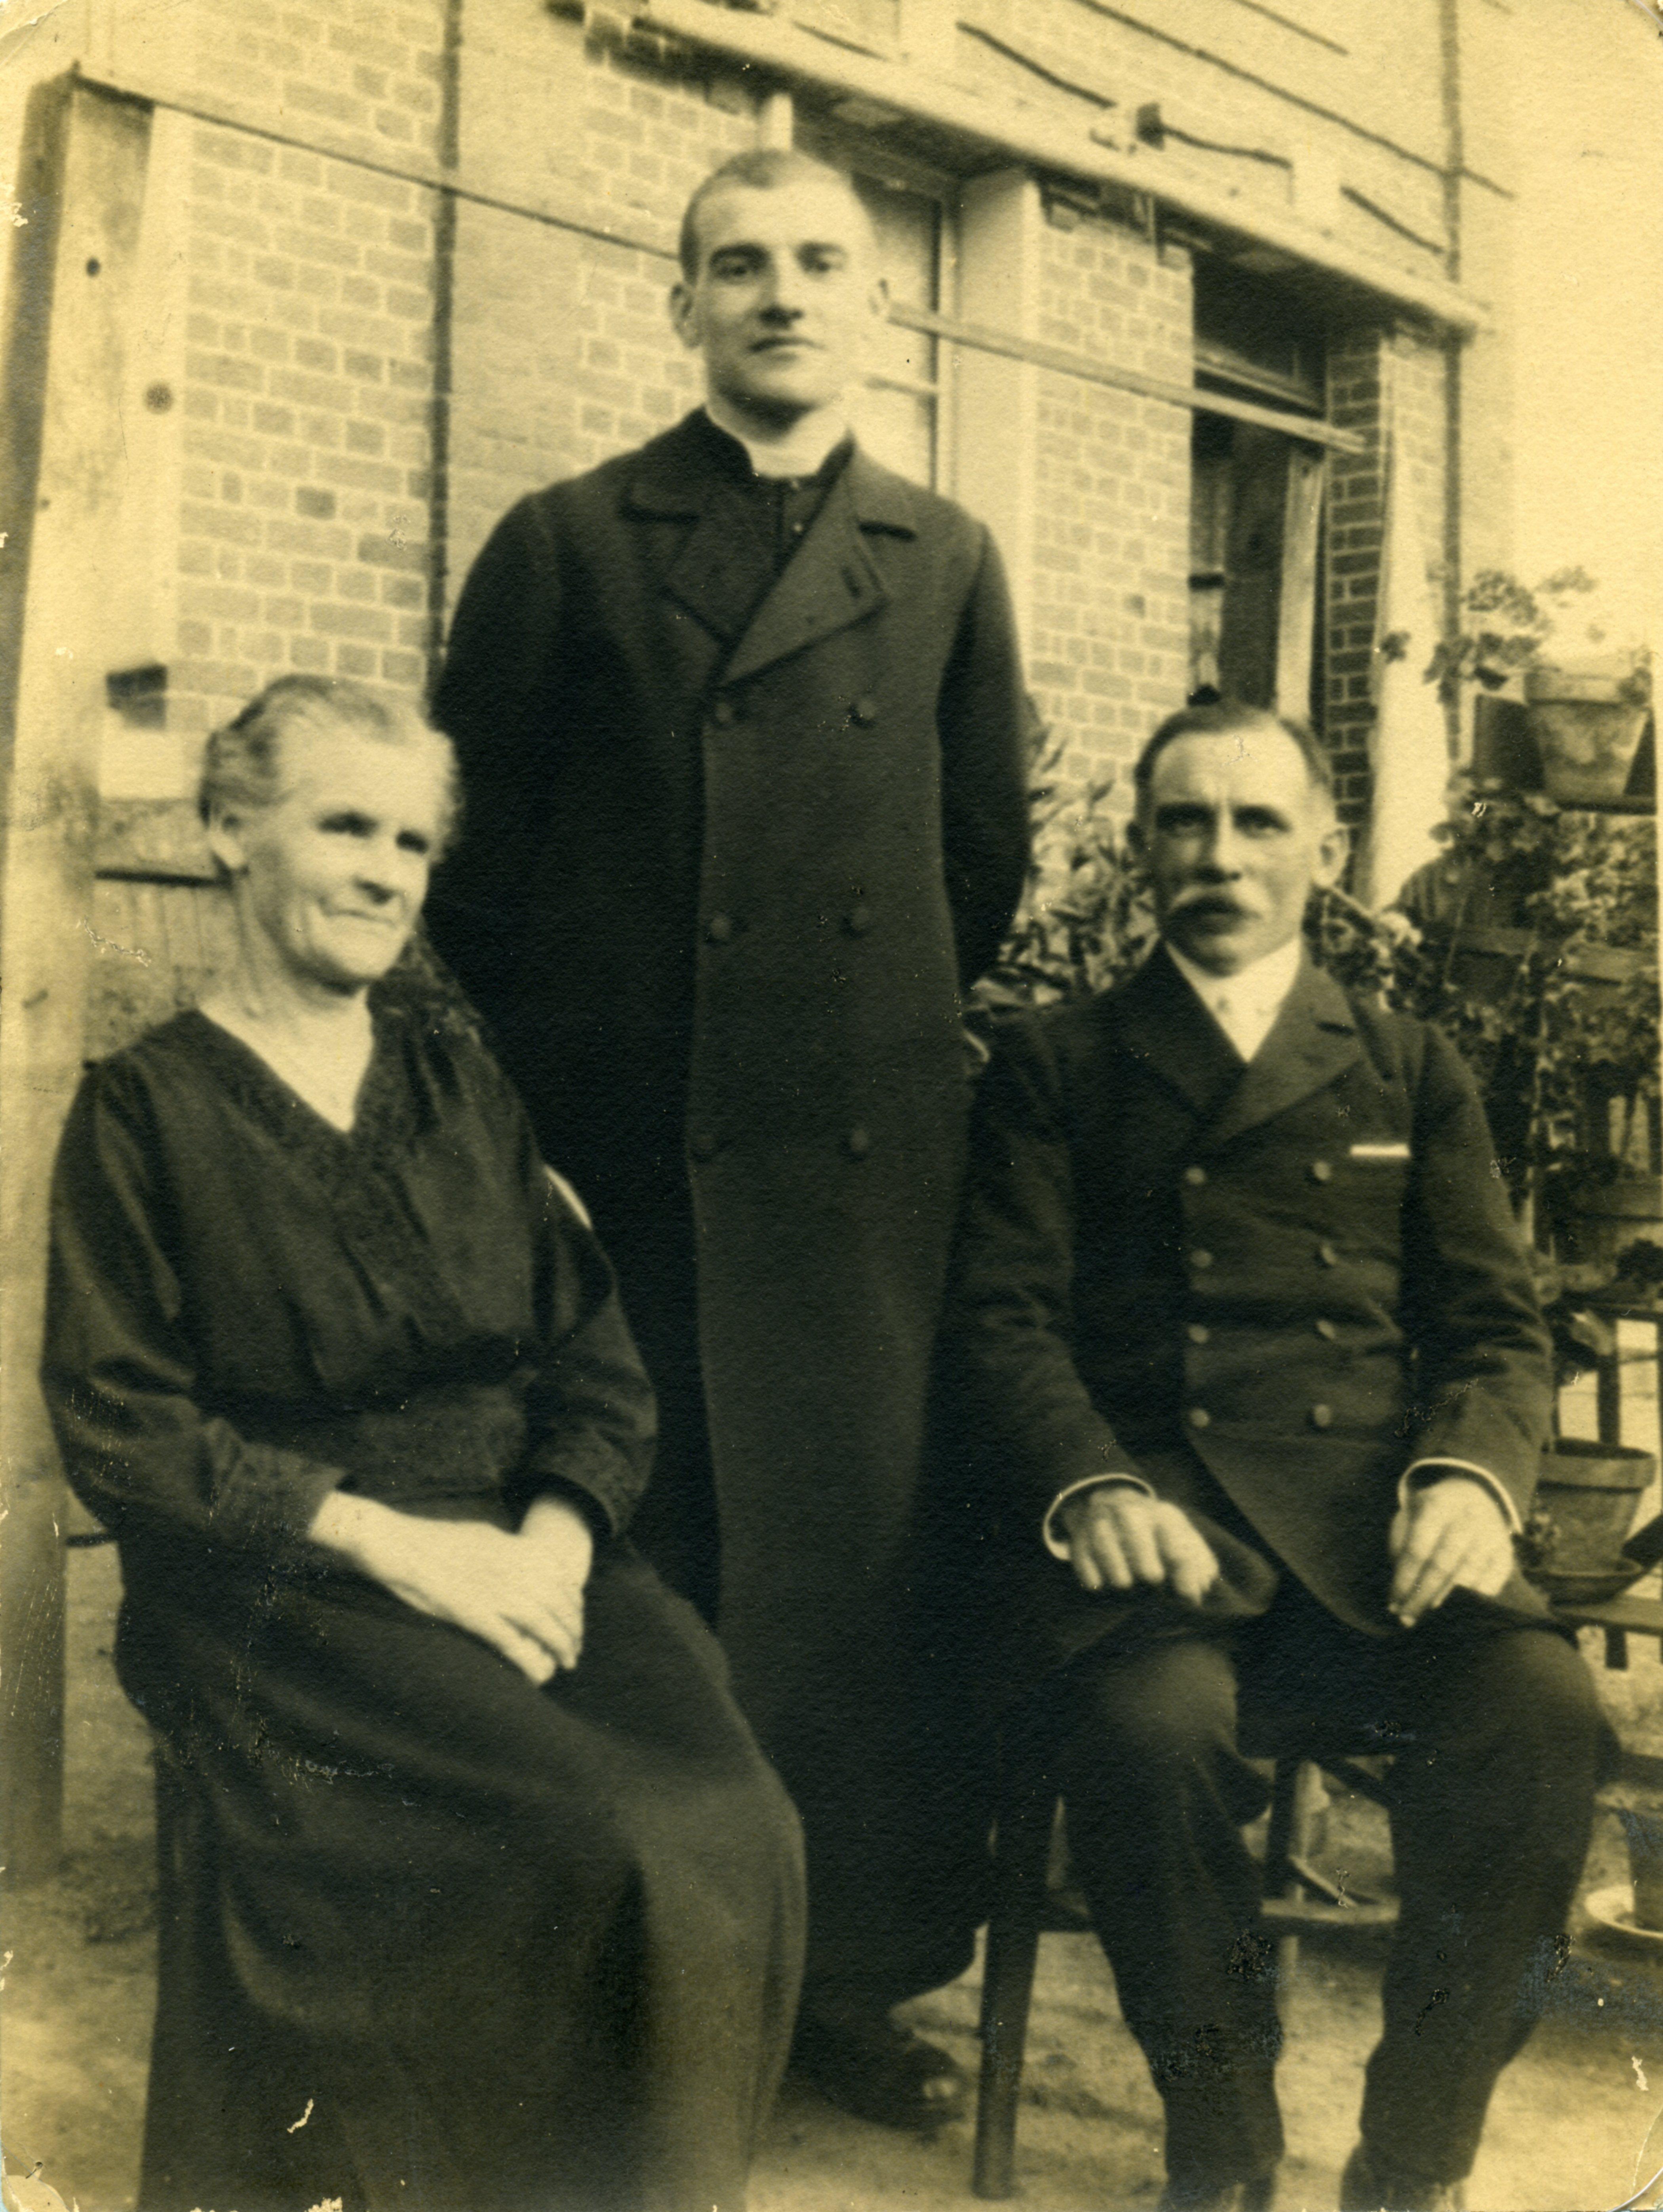 La famille Bunel, Jacques est l'enfant de droite